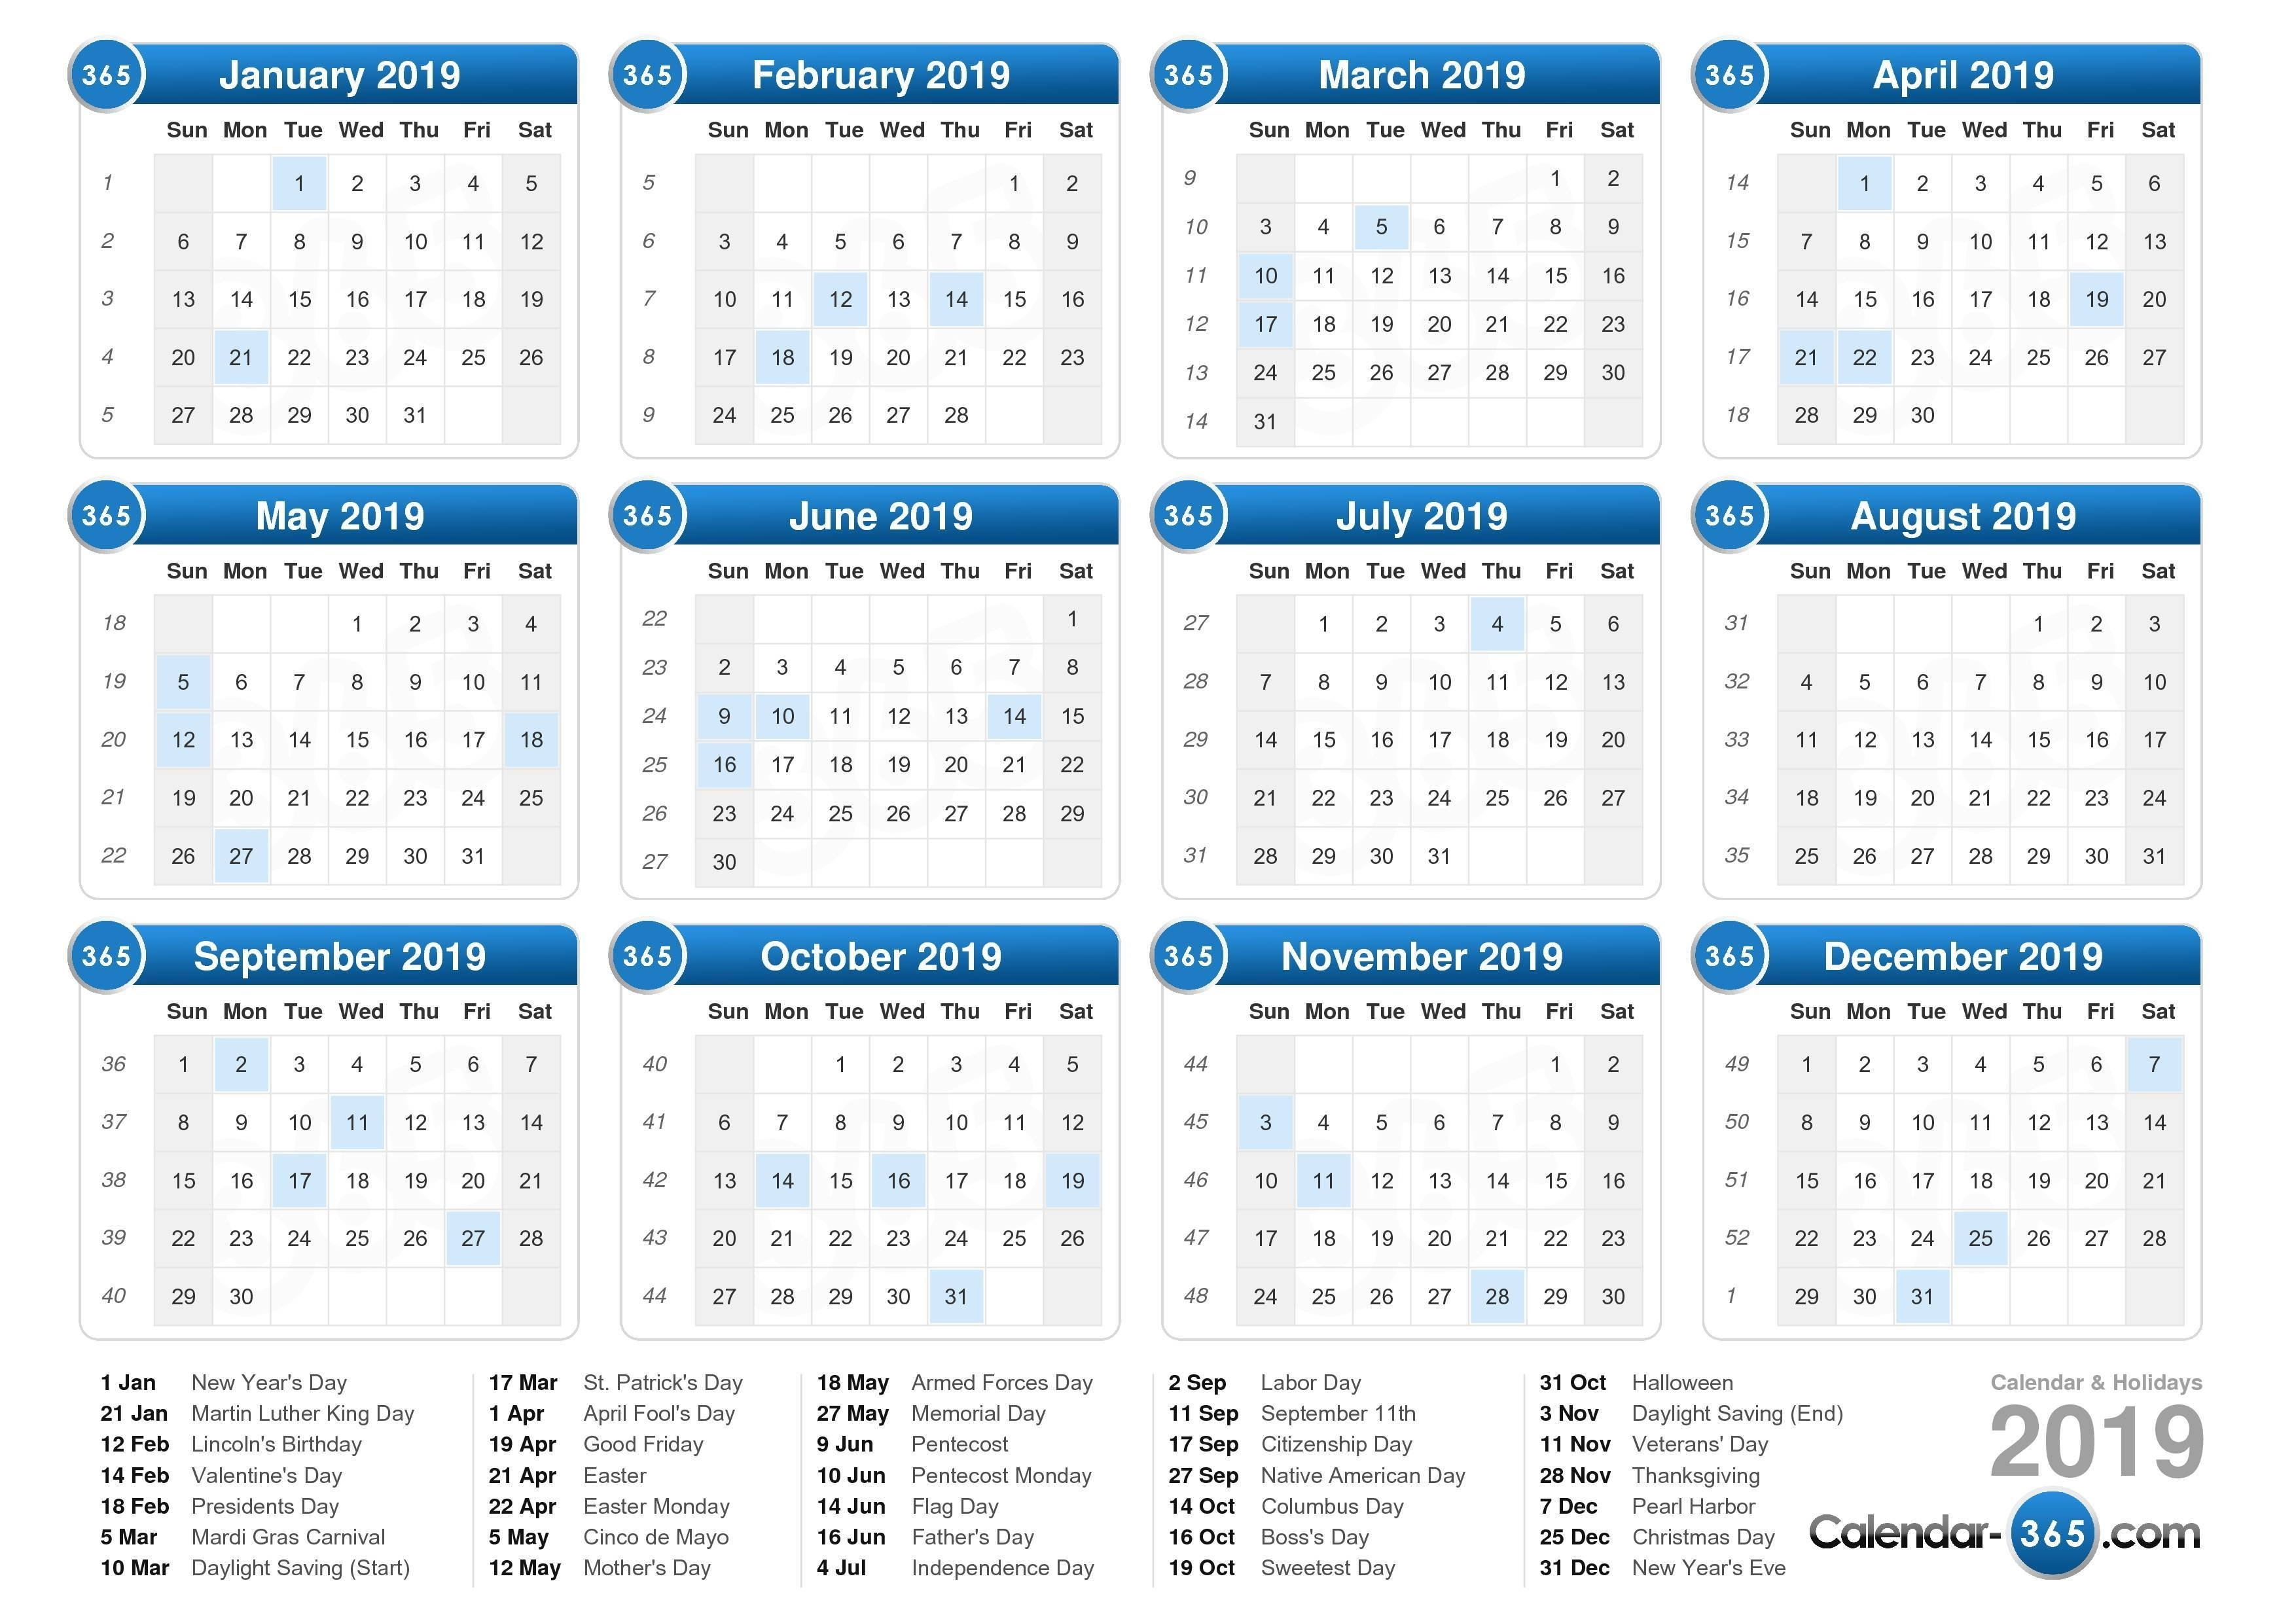 2019 Calendar Picture Of A 2019 Calendar